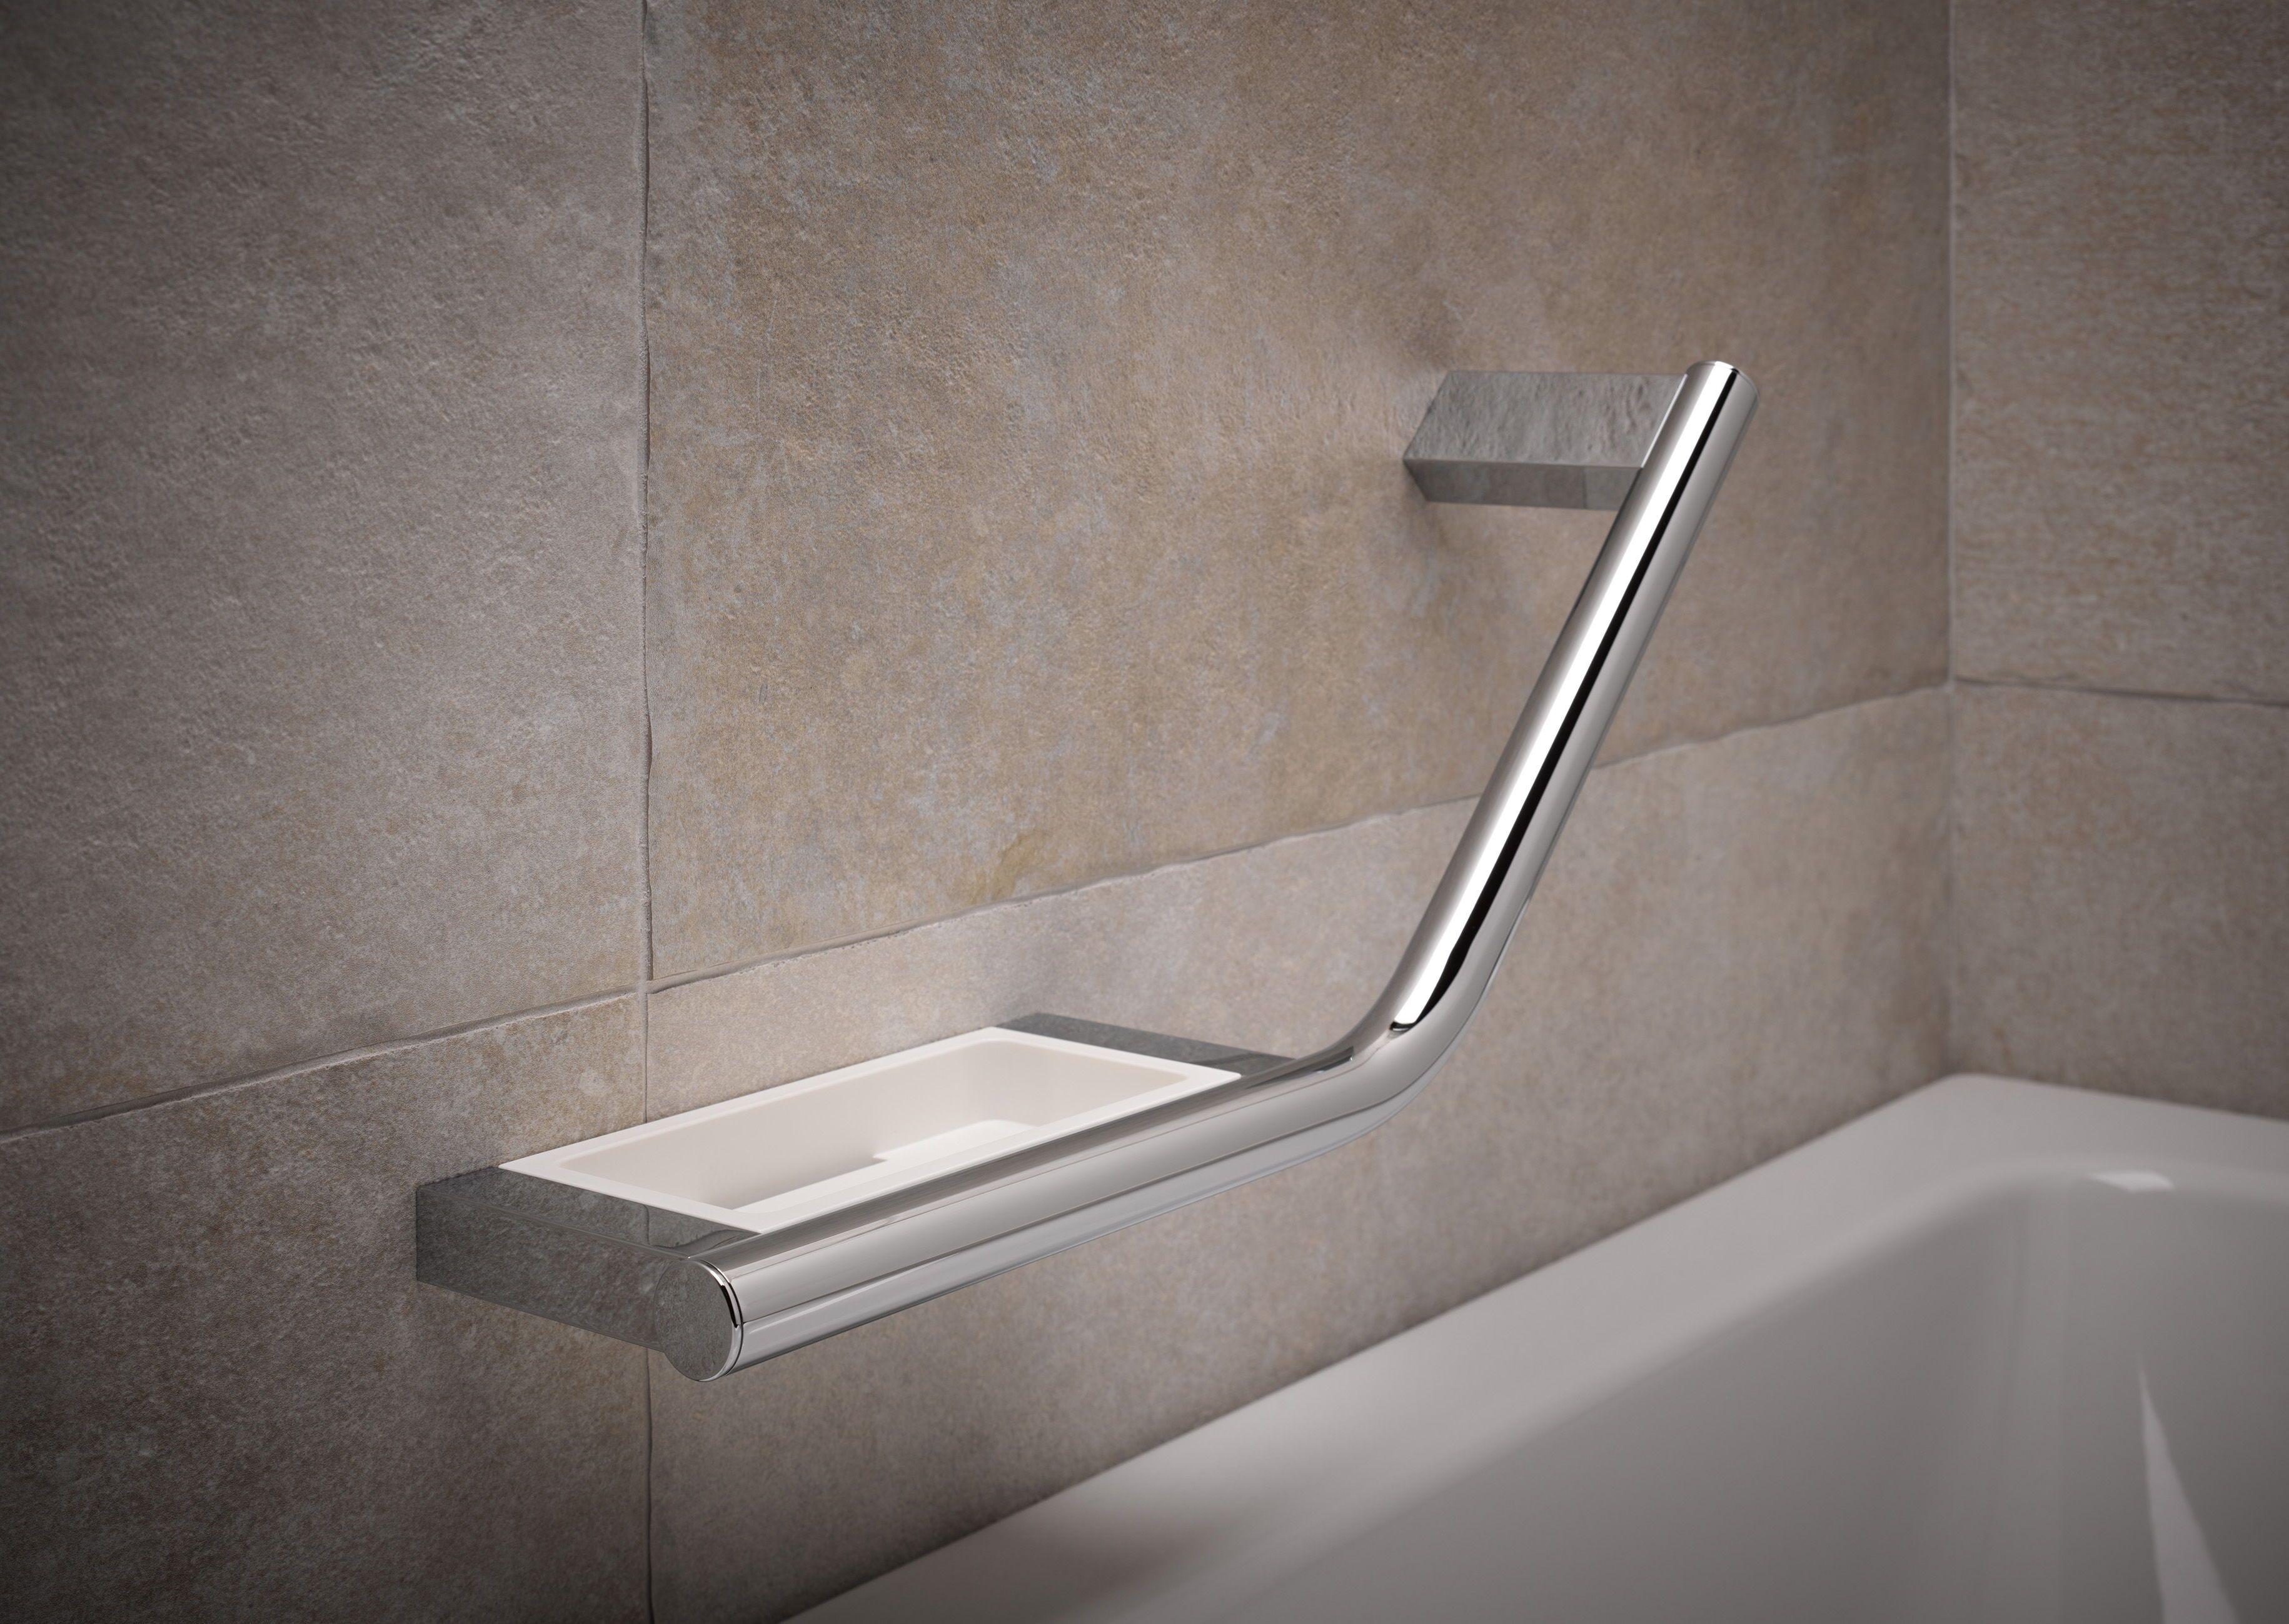 Finde Jetzt Dein Traumbad Wertvolle Tipps Von Der Planung Bis Zur Umsetzung Dusche Badezimmer Bad